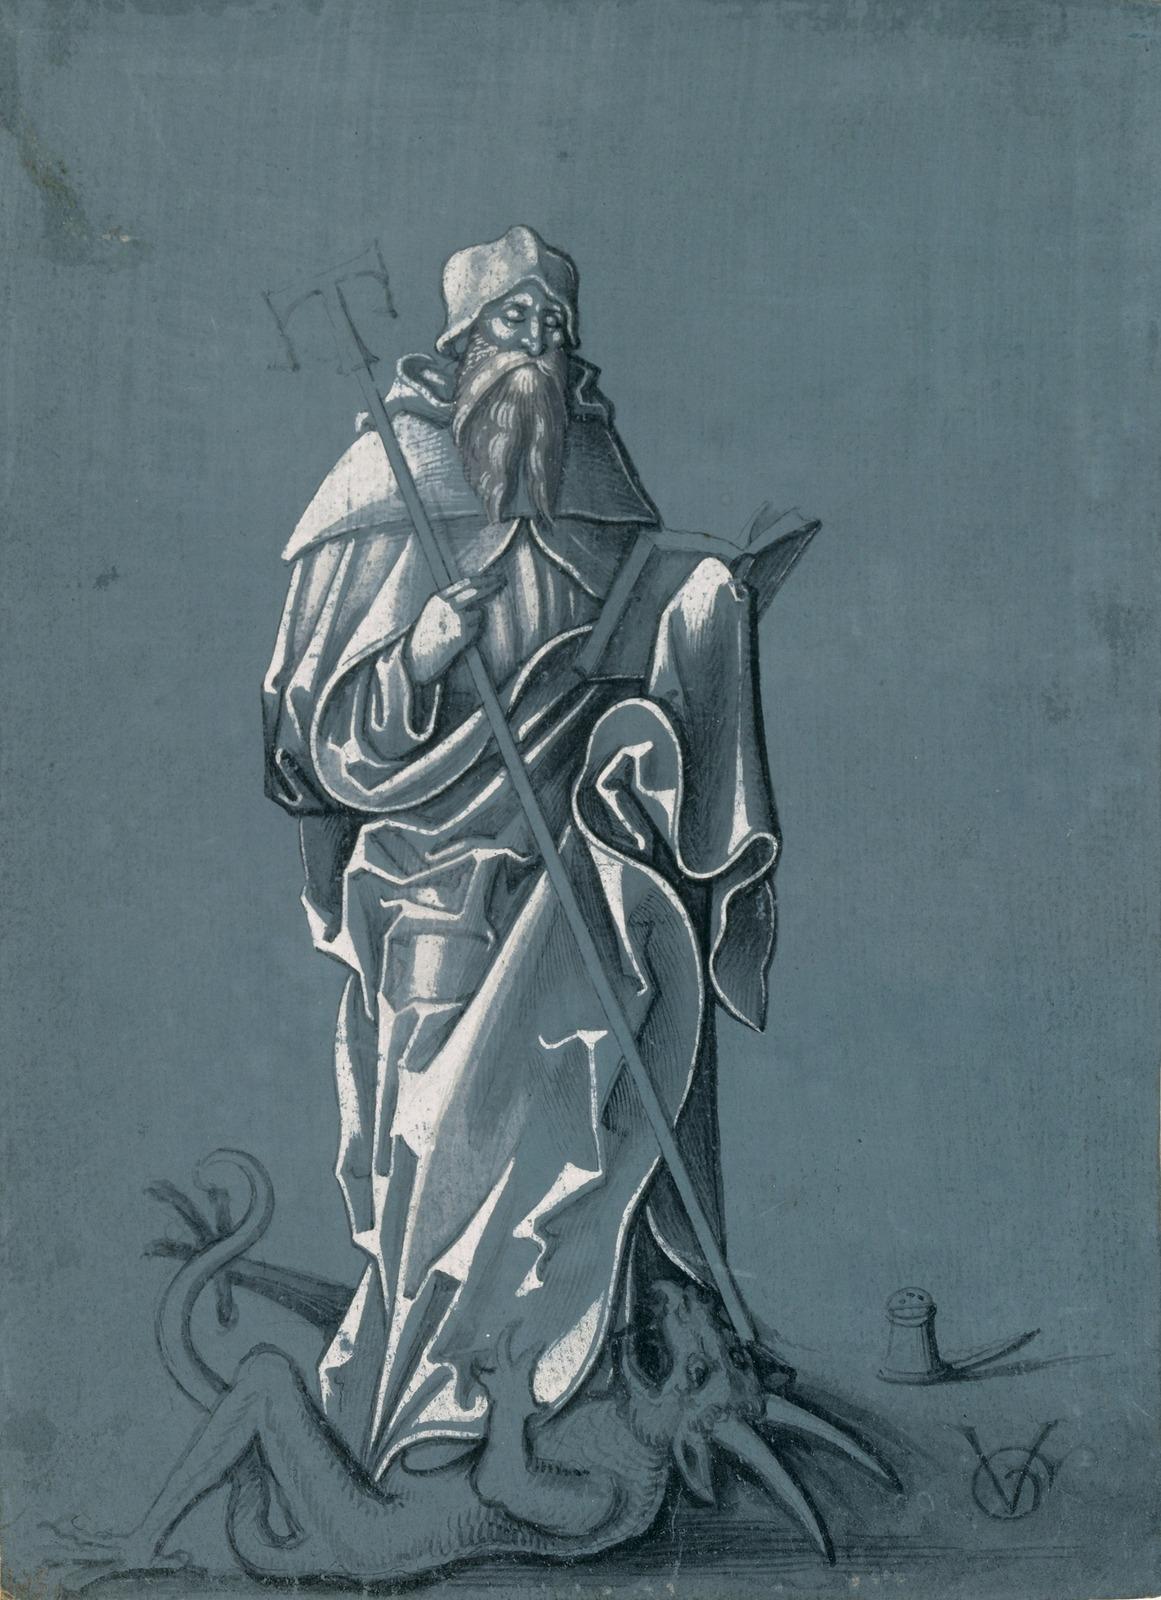 Святой Антоний, стоящий на дьяволе (Saint Antony, standing on the devil)_ок.1507_21.5 х 15.4_бумага, кисть черным, серым и белым тоном_Базель, Кунстмузеум.jpg